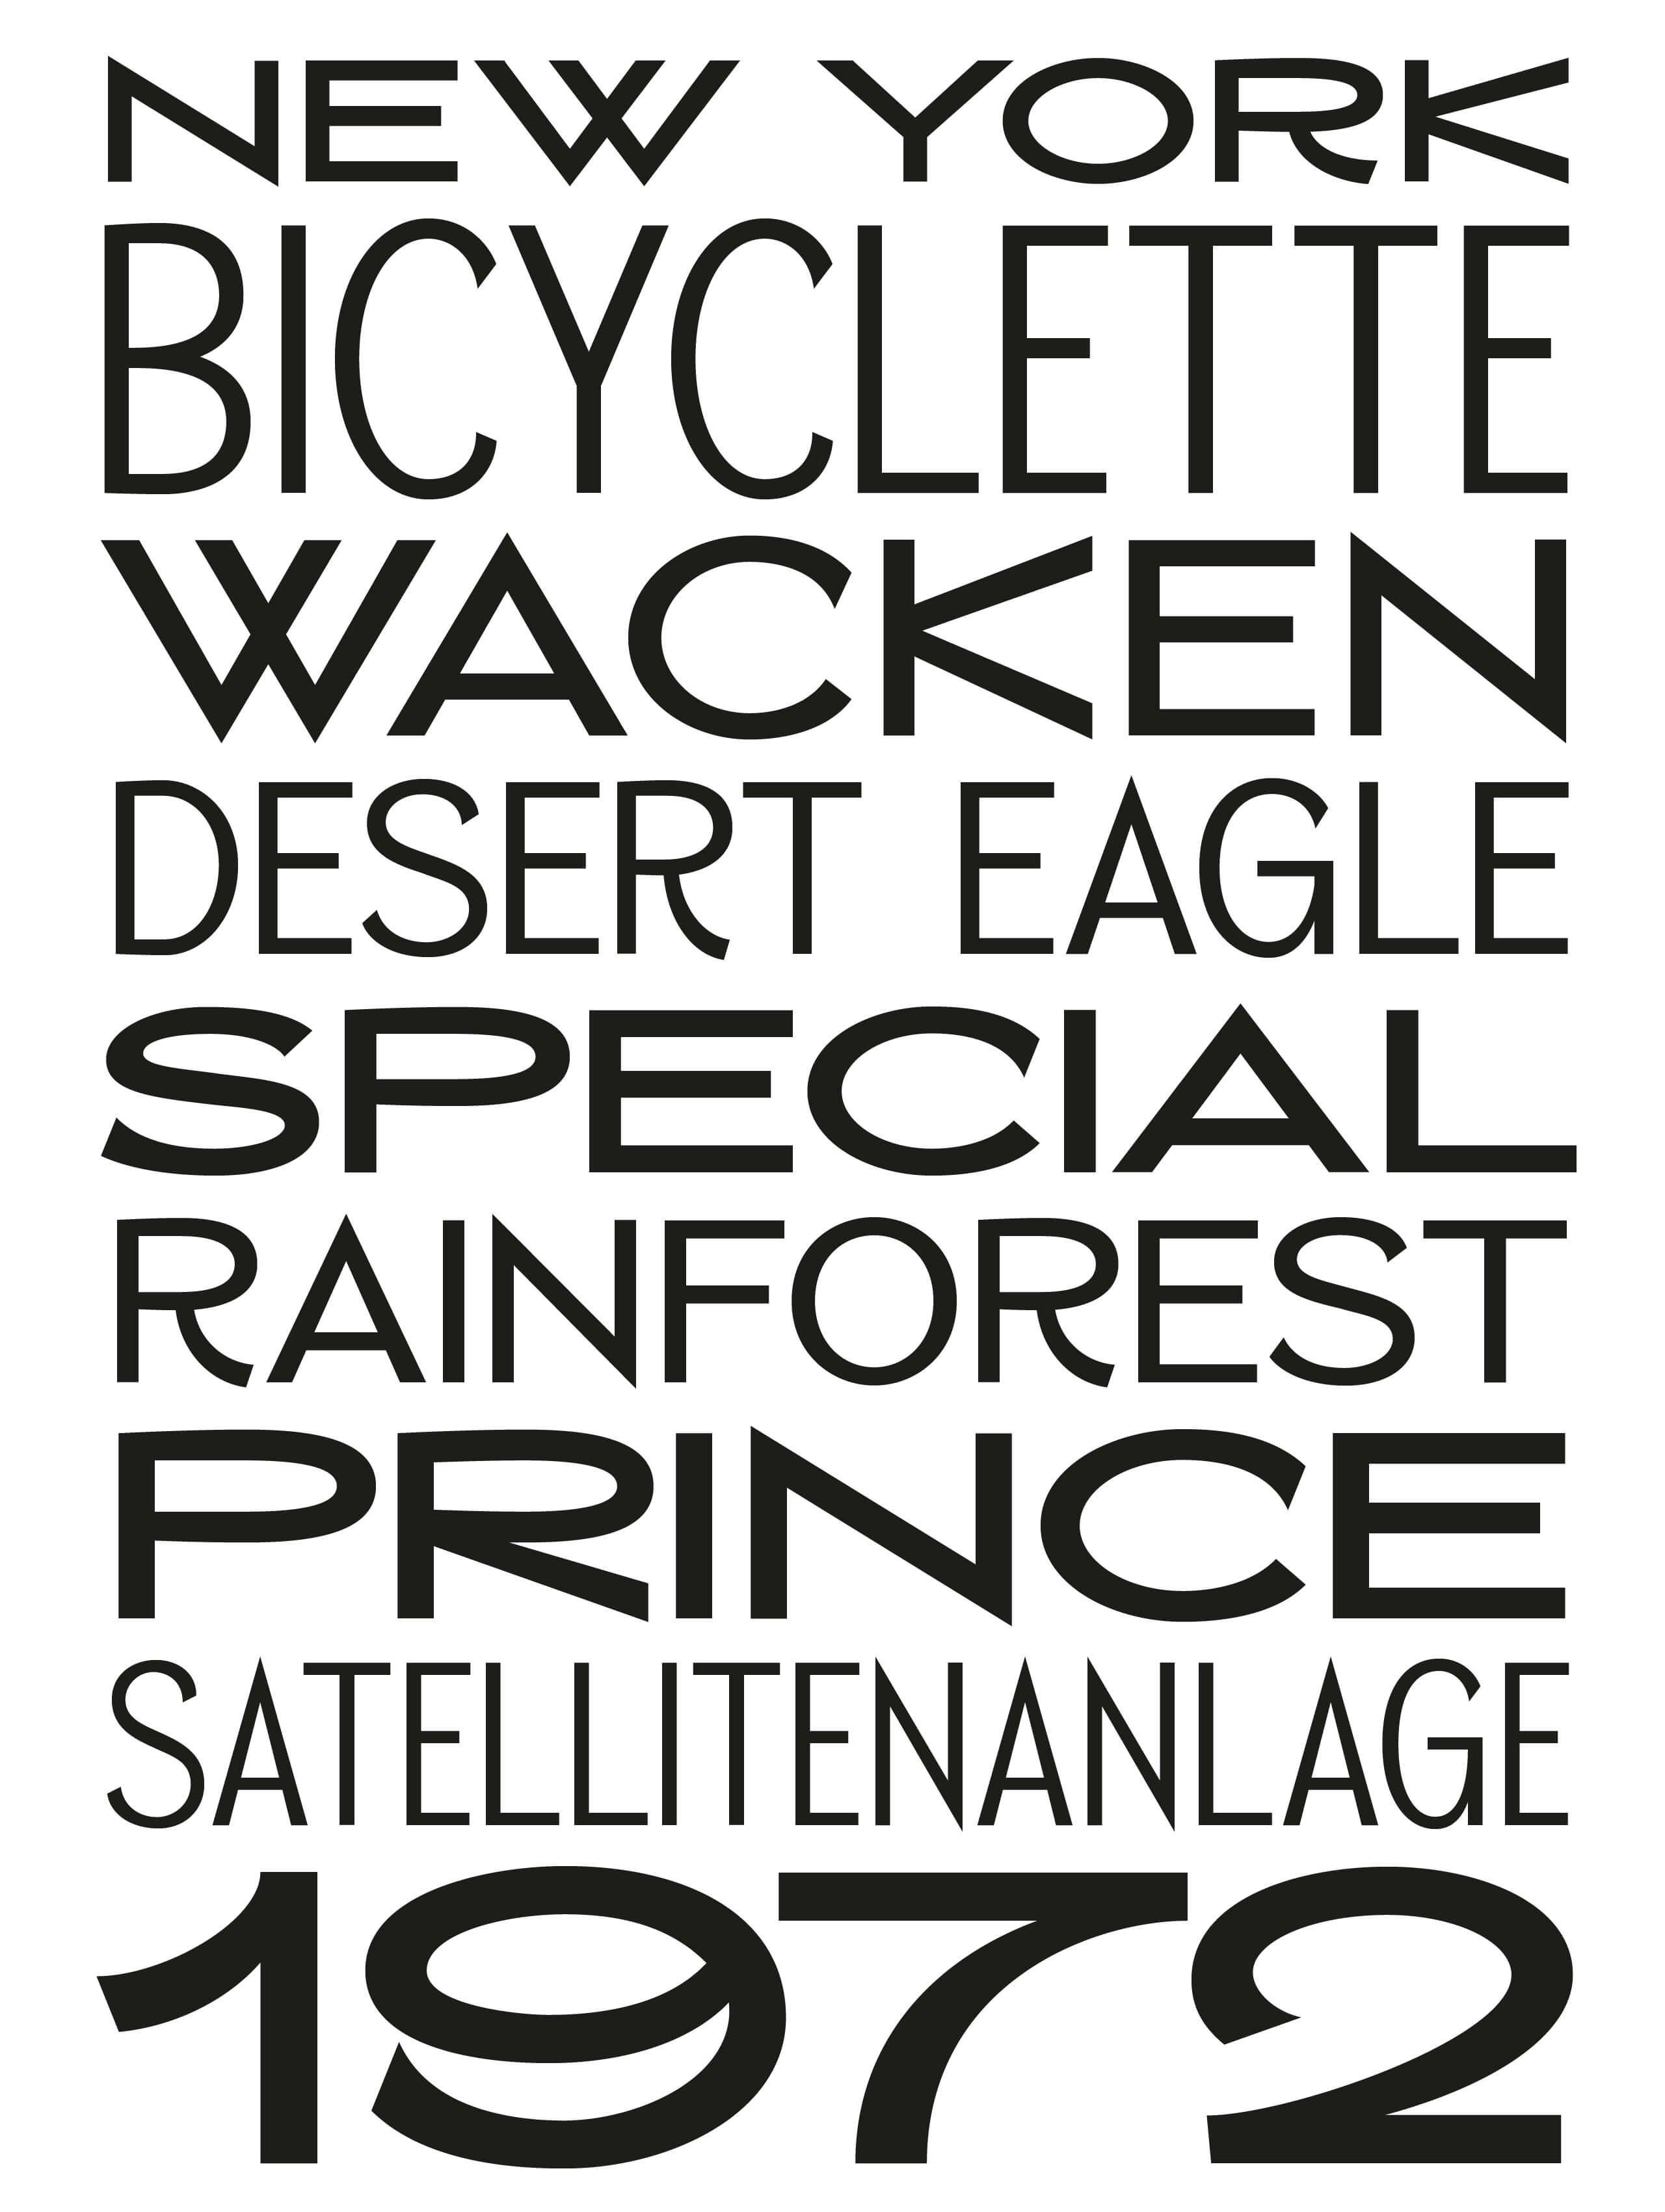 wirsindschoener.de › —————————ZOOM——Grotesque——Typeface